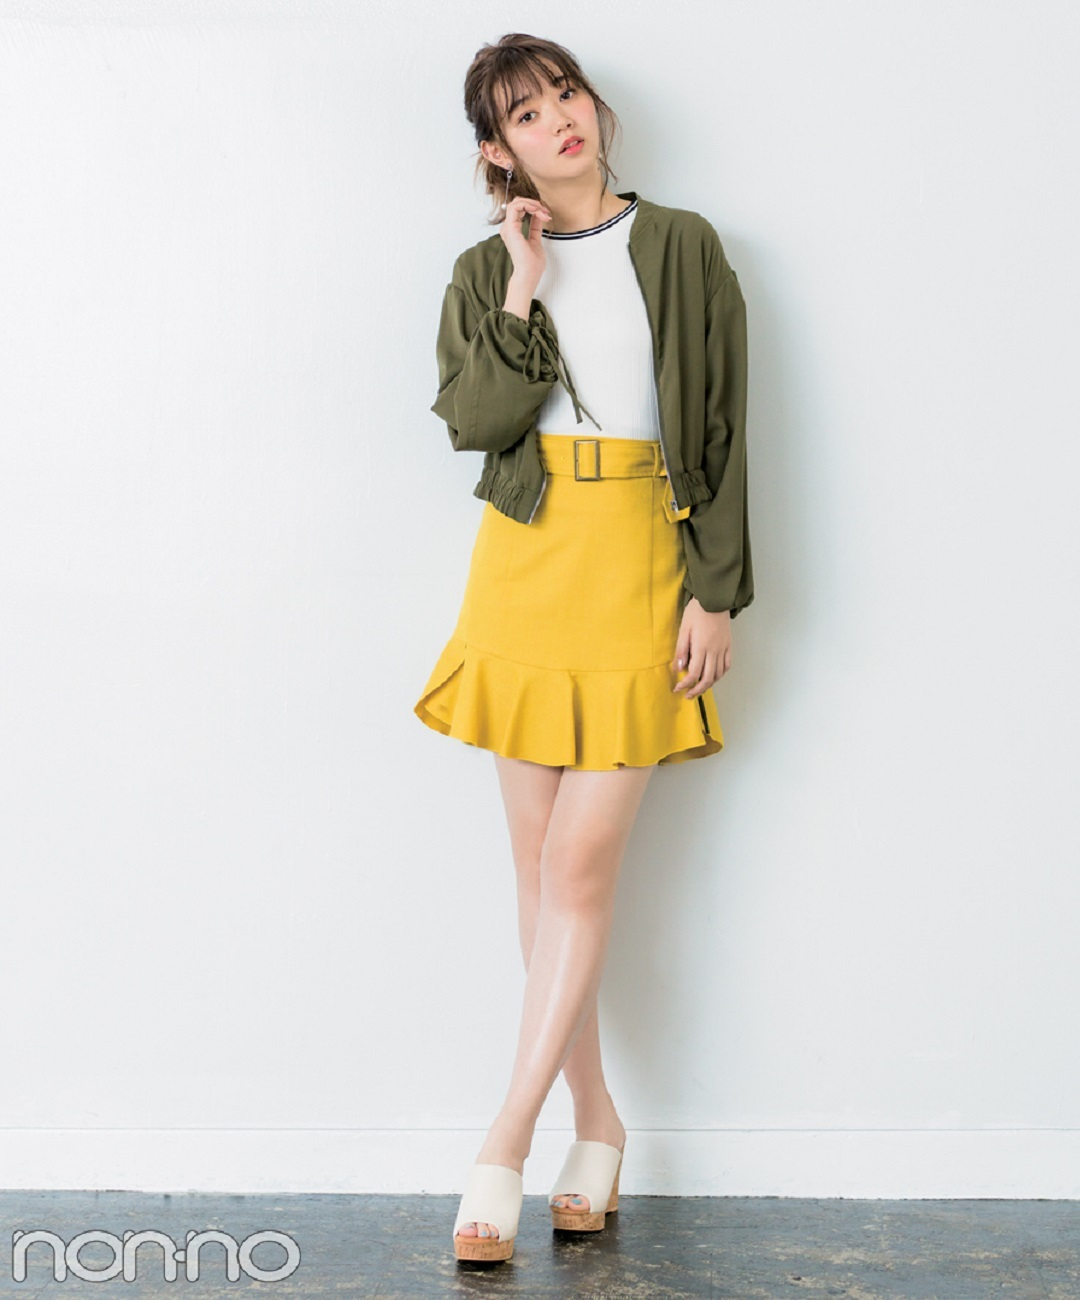 【夏のサンダルコーデ】鈴木優華は、ハッピーなピンク&チェックで憂うつな気分を一掃!新木優子はカジュアルなこなれ感と女らしさが両立チノベア♡